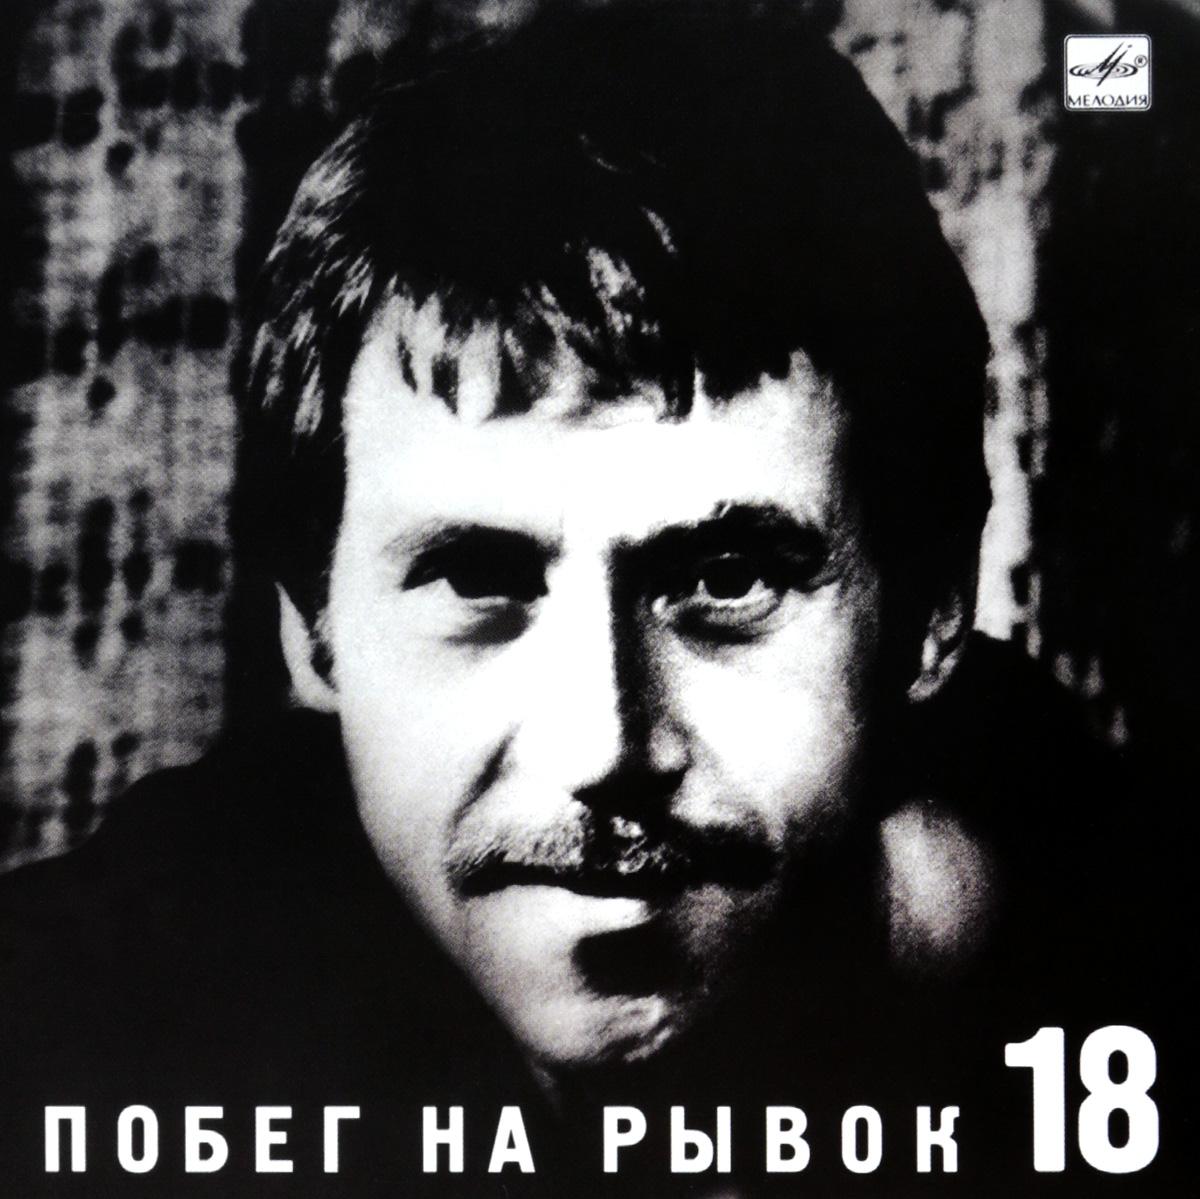 Владимир Высоцкий Высоцкий Владимир. Побег на рывок владимир высоцкий спасибо что живой cd